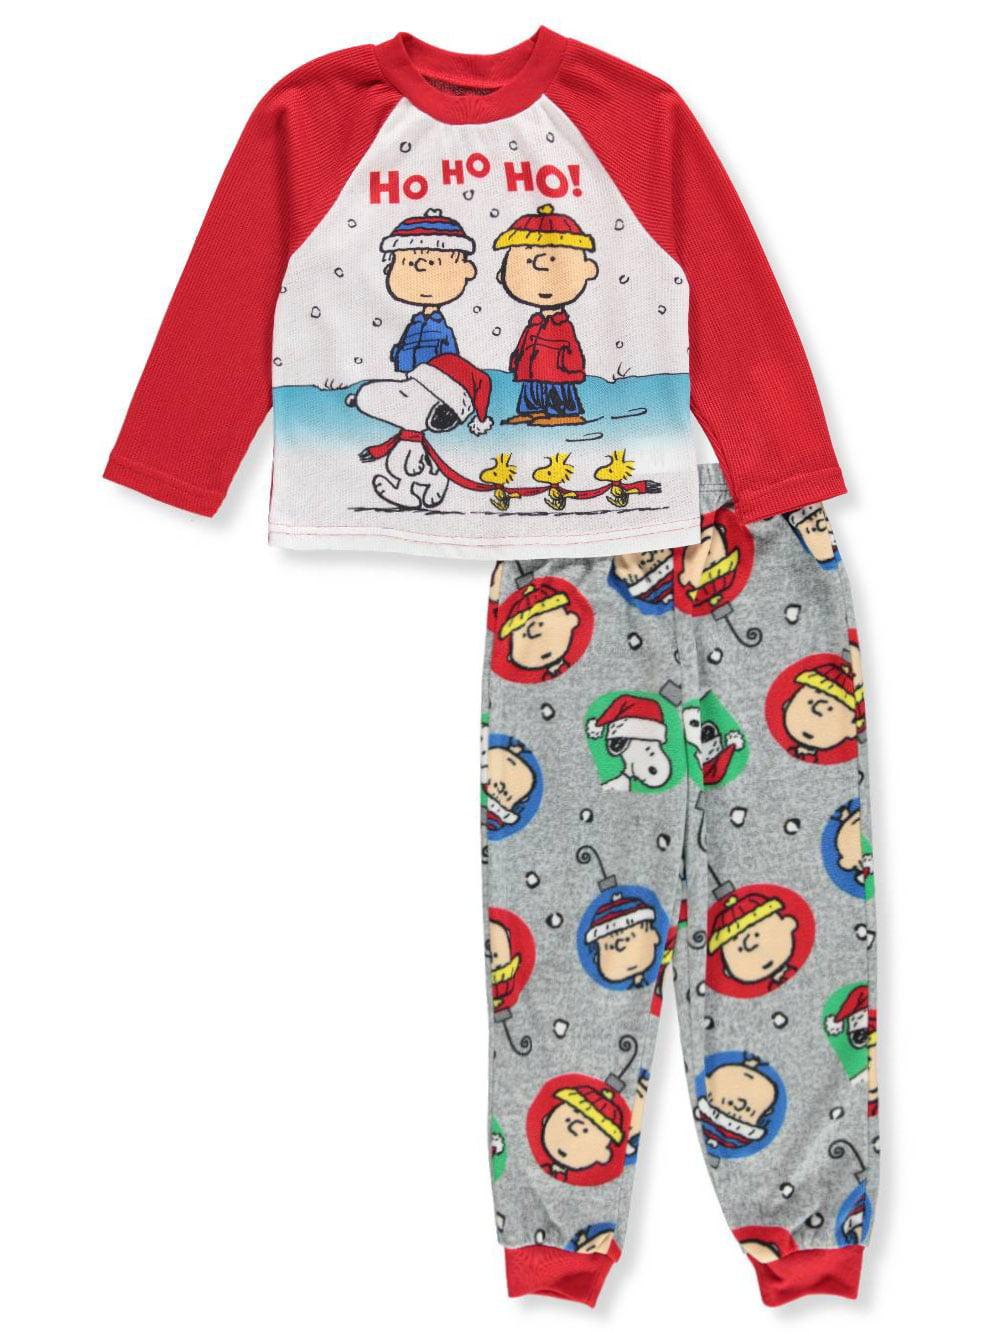 Peanuts Boys' 2-Piece Pajamas